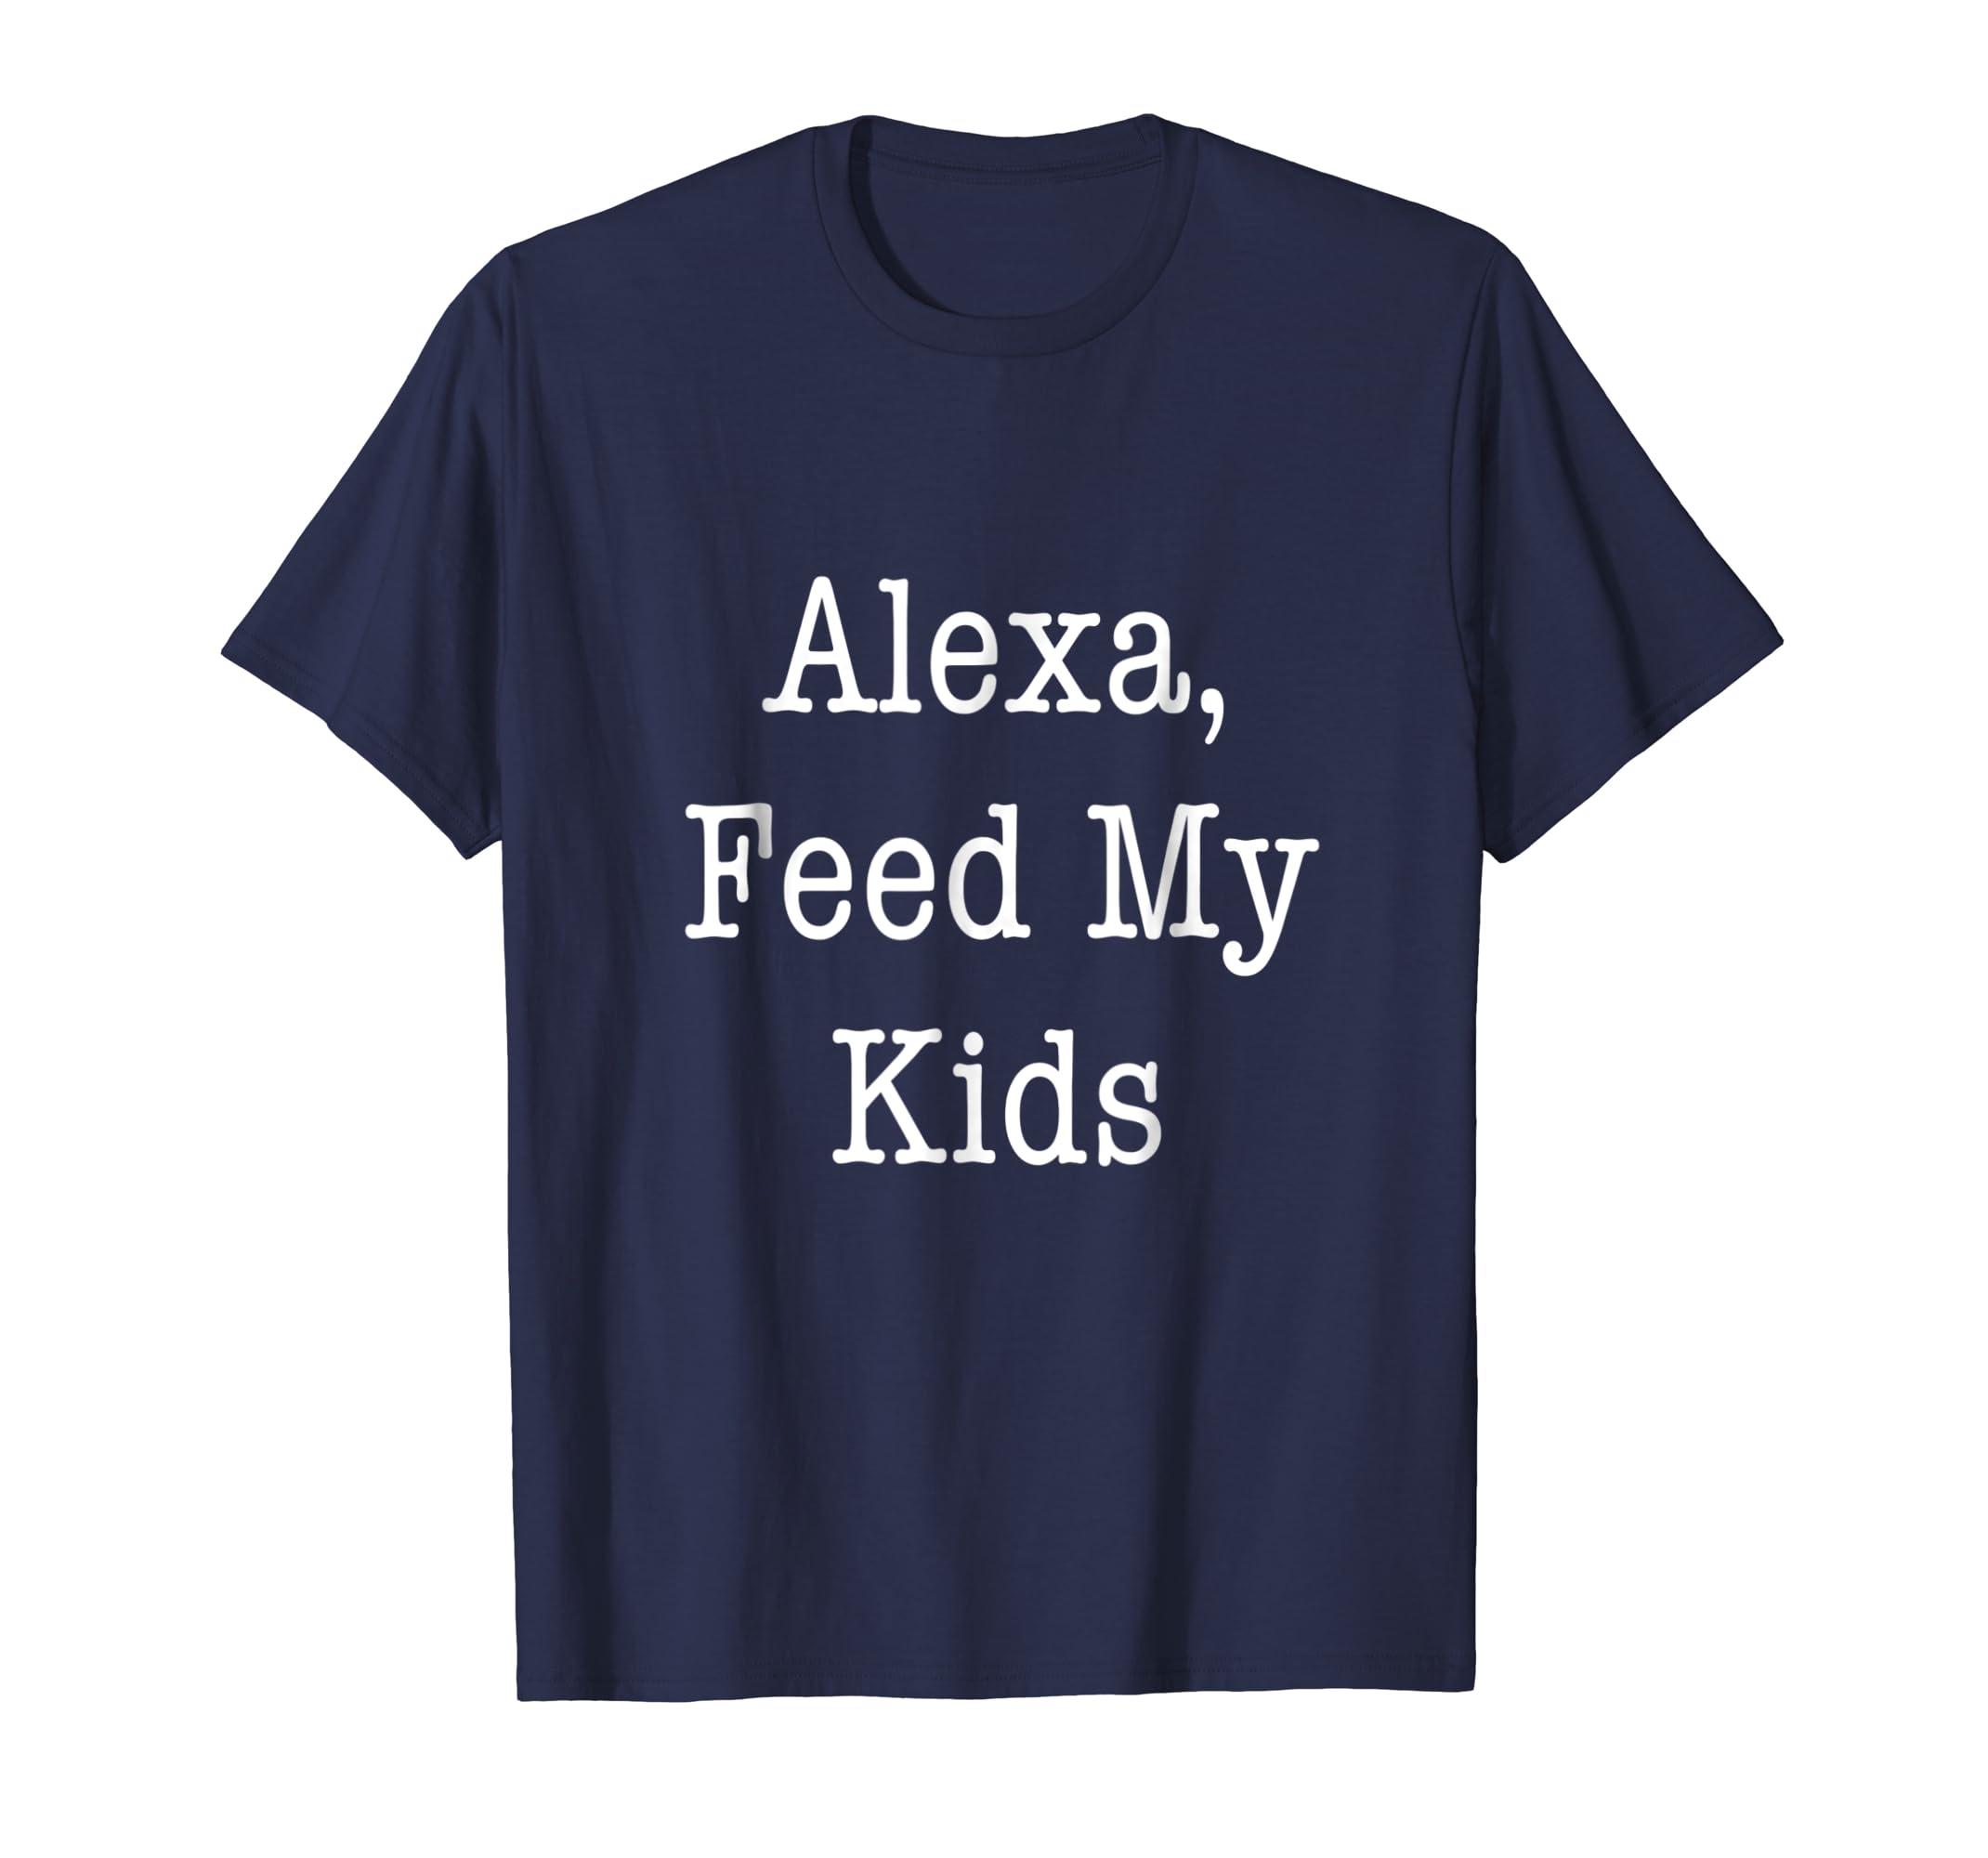 Alexa Feed My Kids Novelty Funny Humor tee shirt-Awarplus